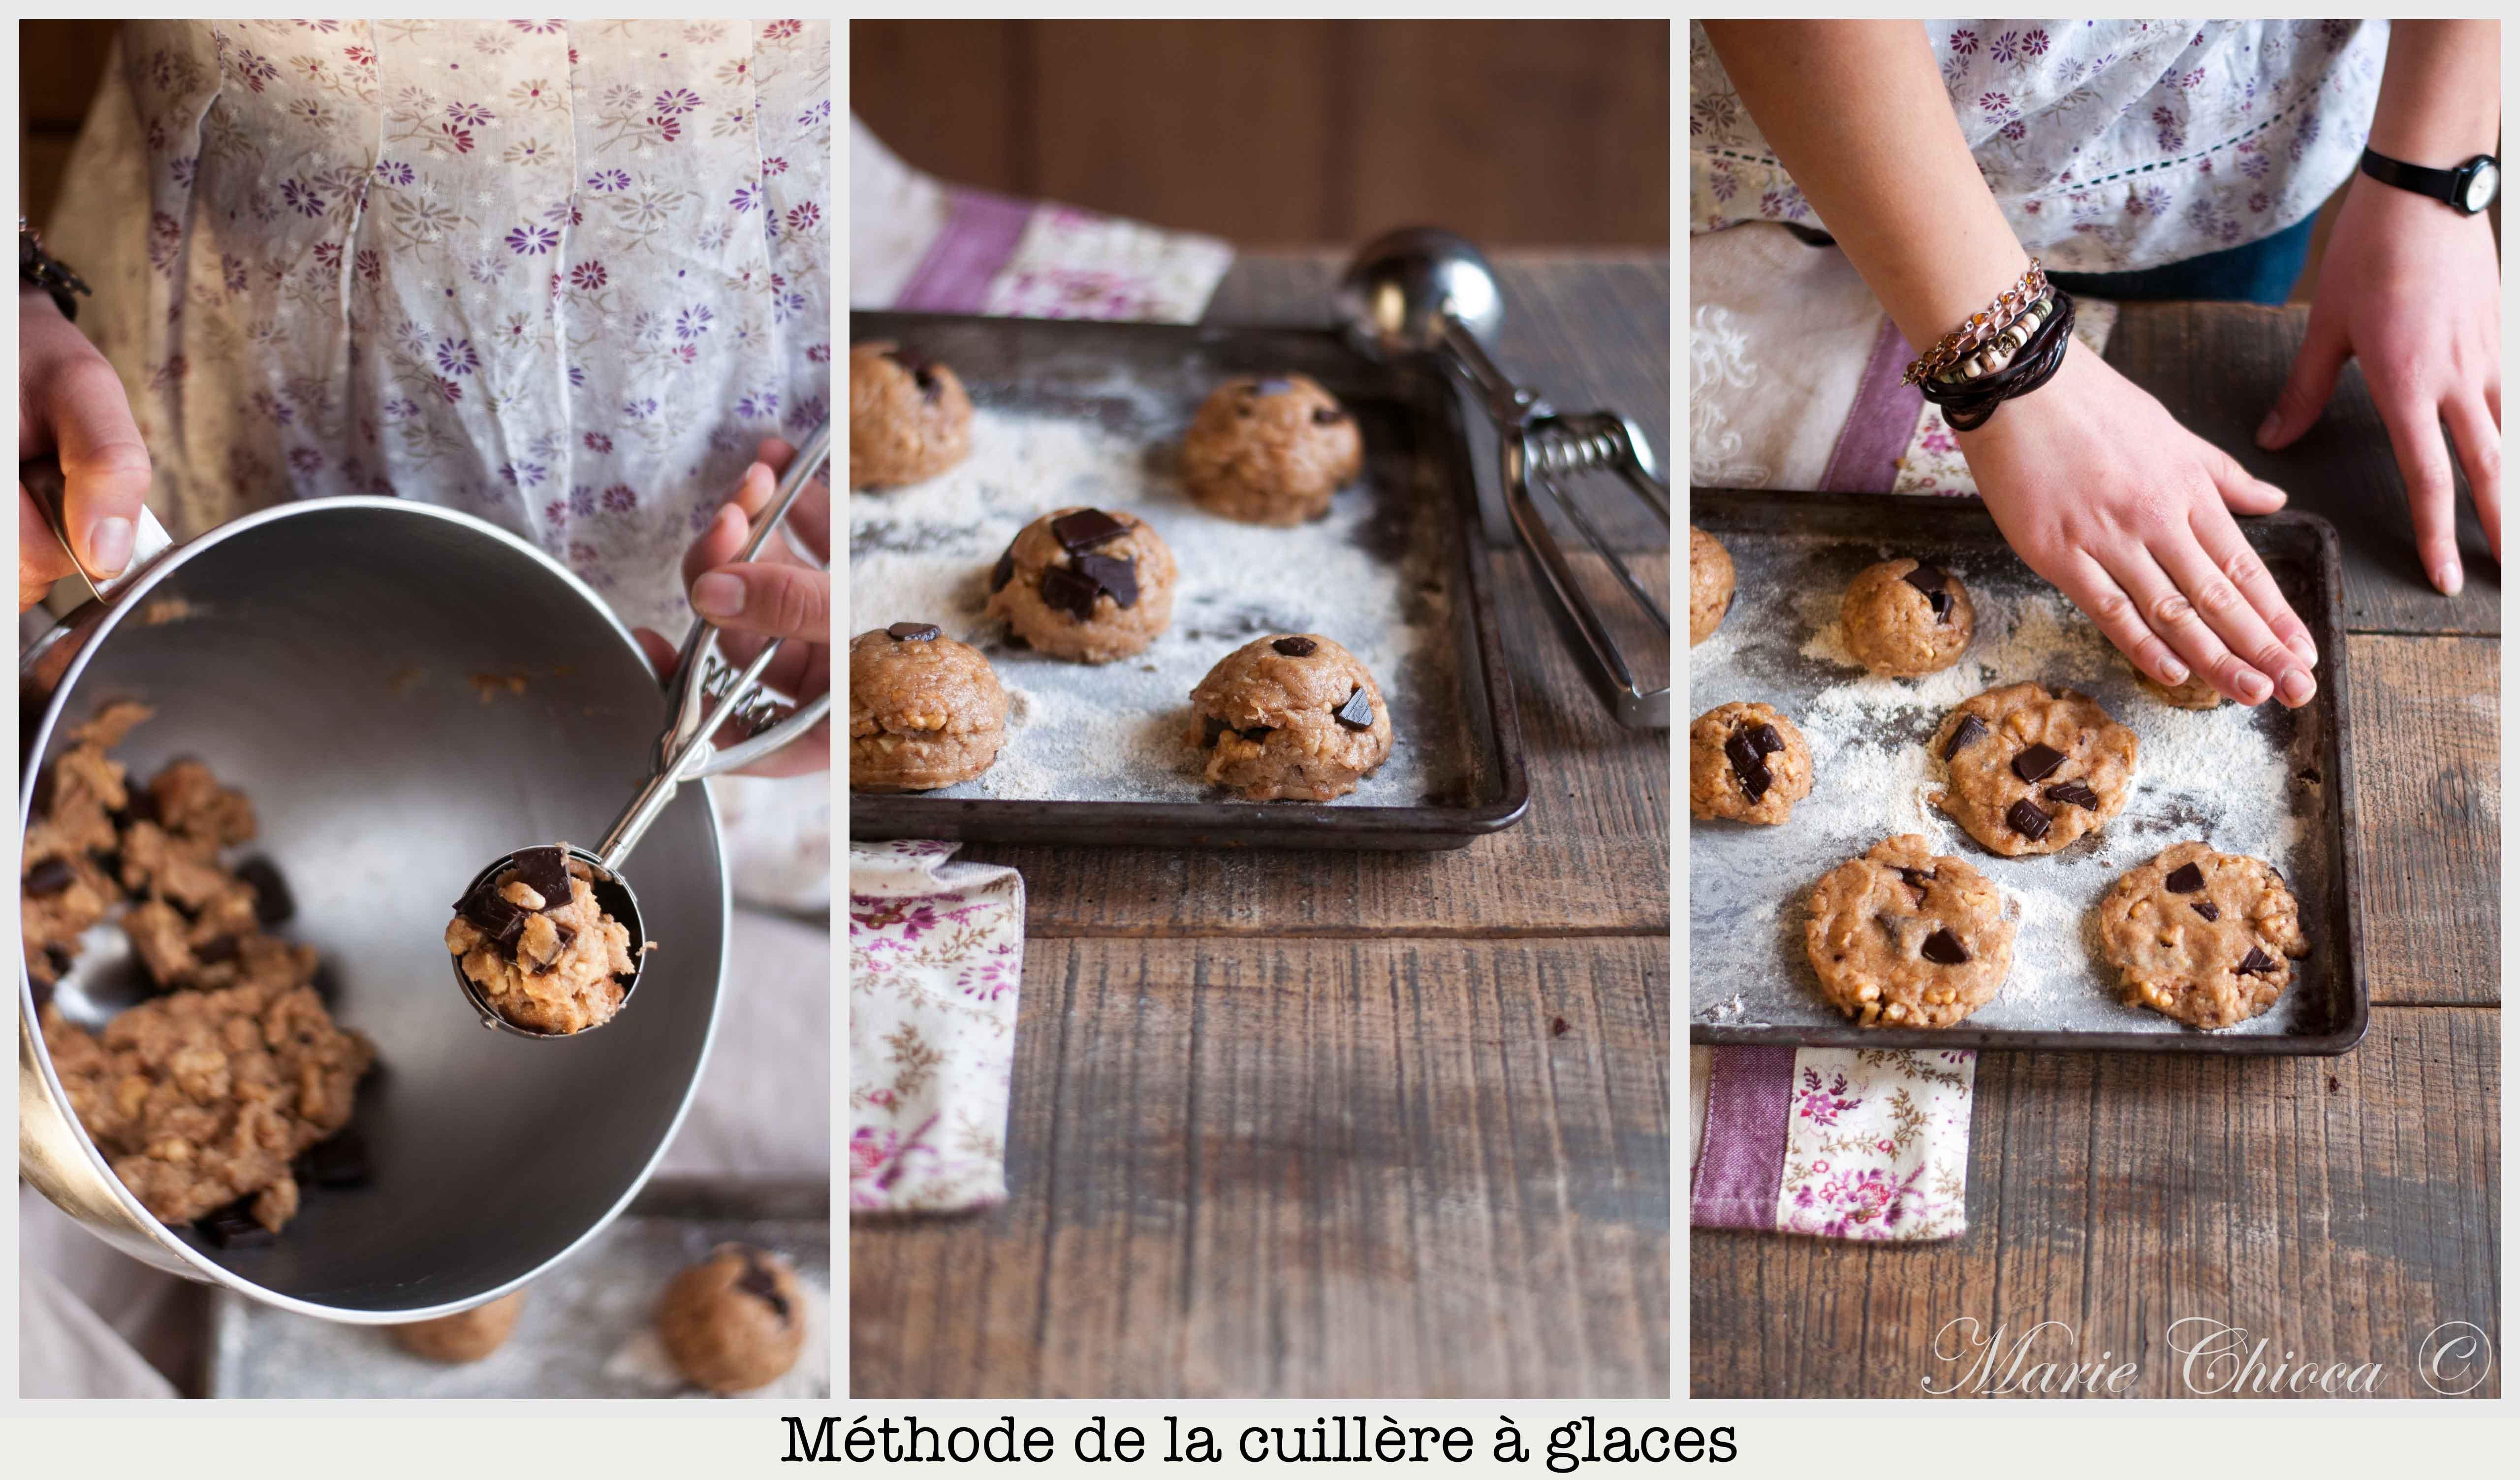 Petites lettres cachet emporte-pièce emporte-pièce crème Cookie cookies pâte d/'amandes